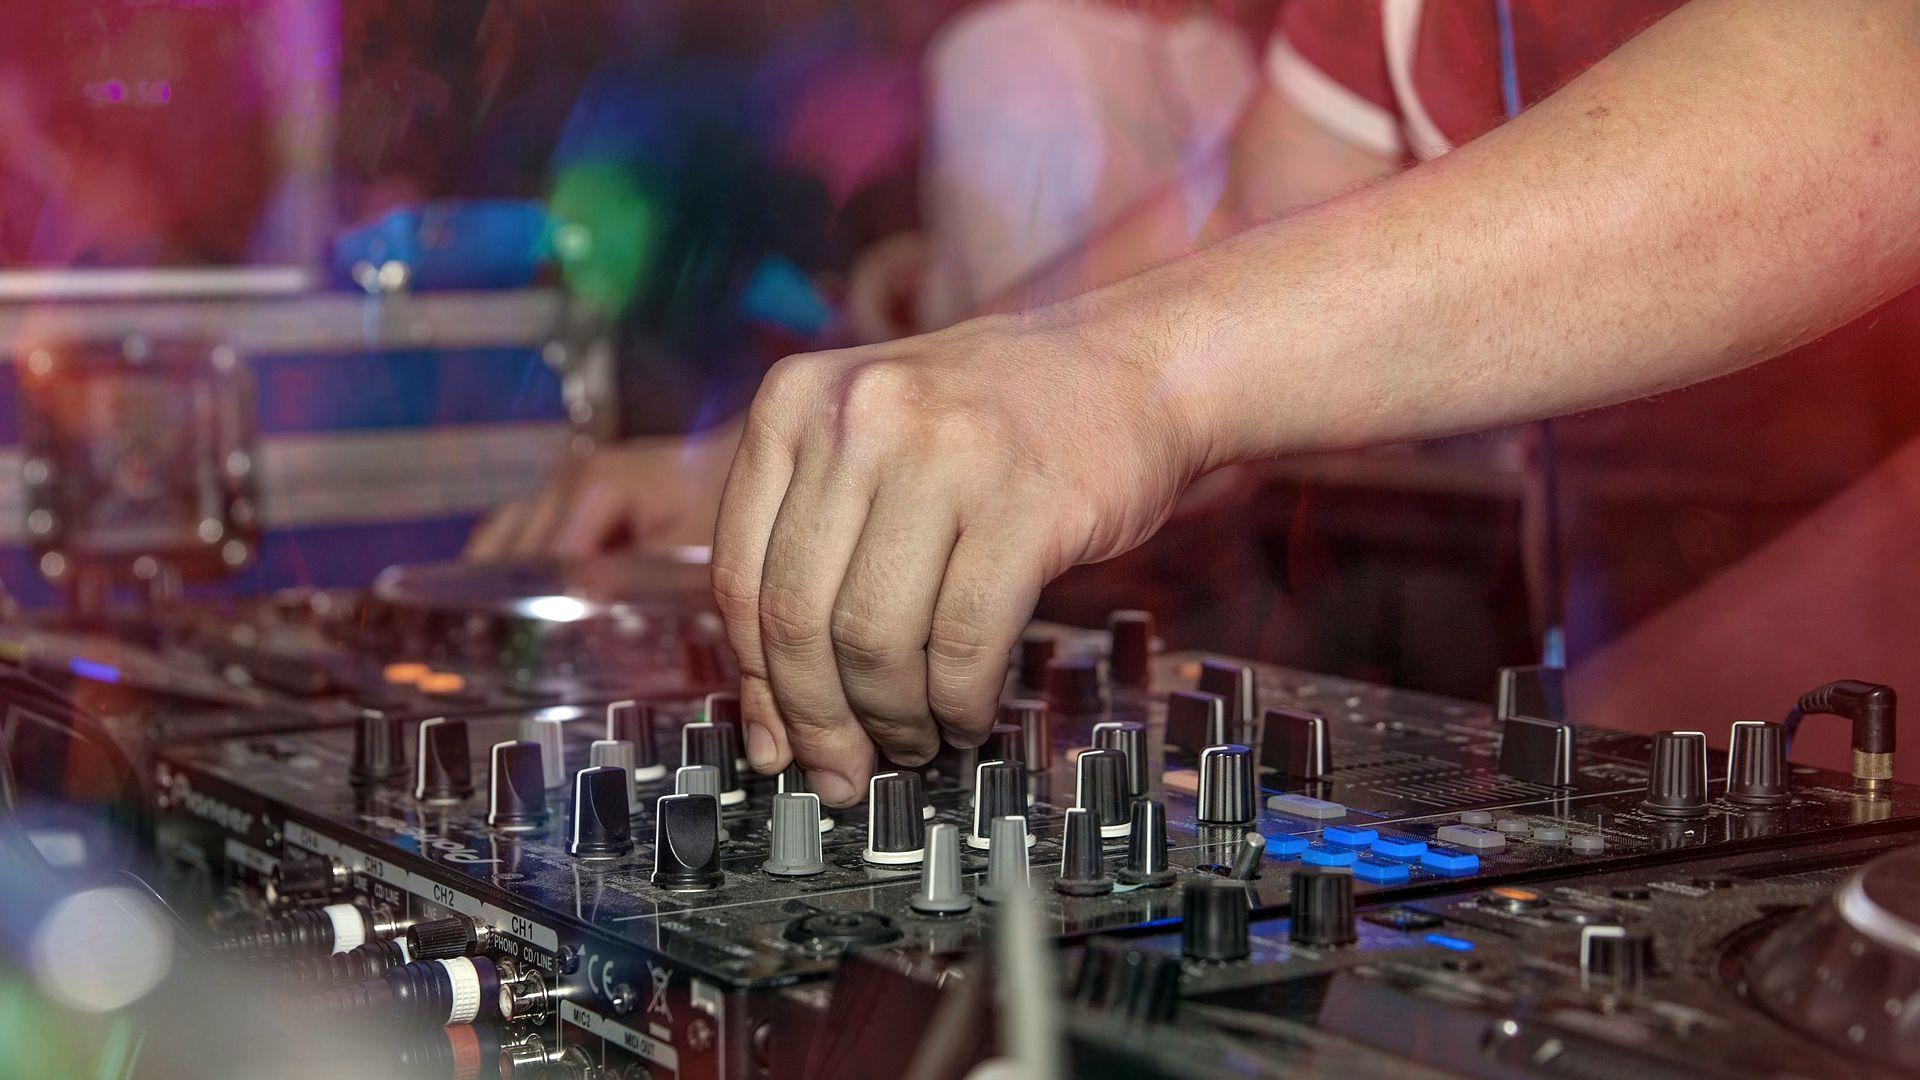 Um fünf die Musik aus? Eine Petition fordert die Abschaffung der Sperrstunde.